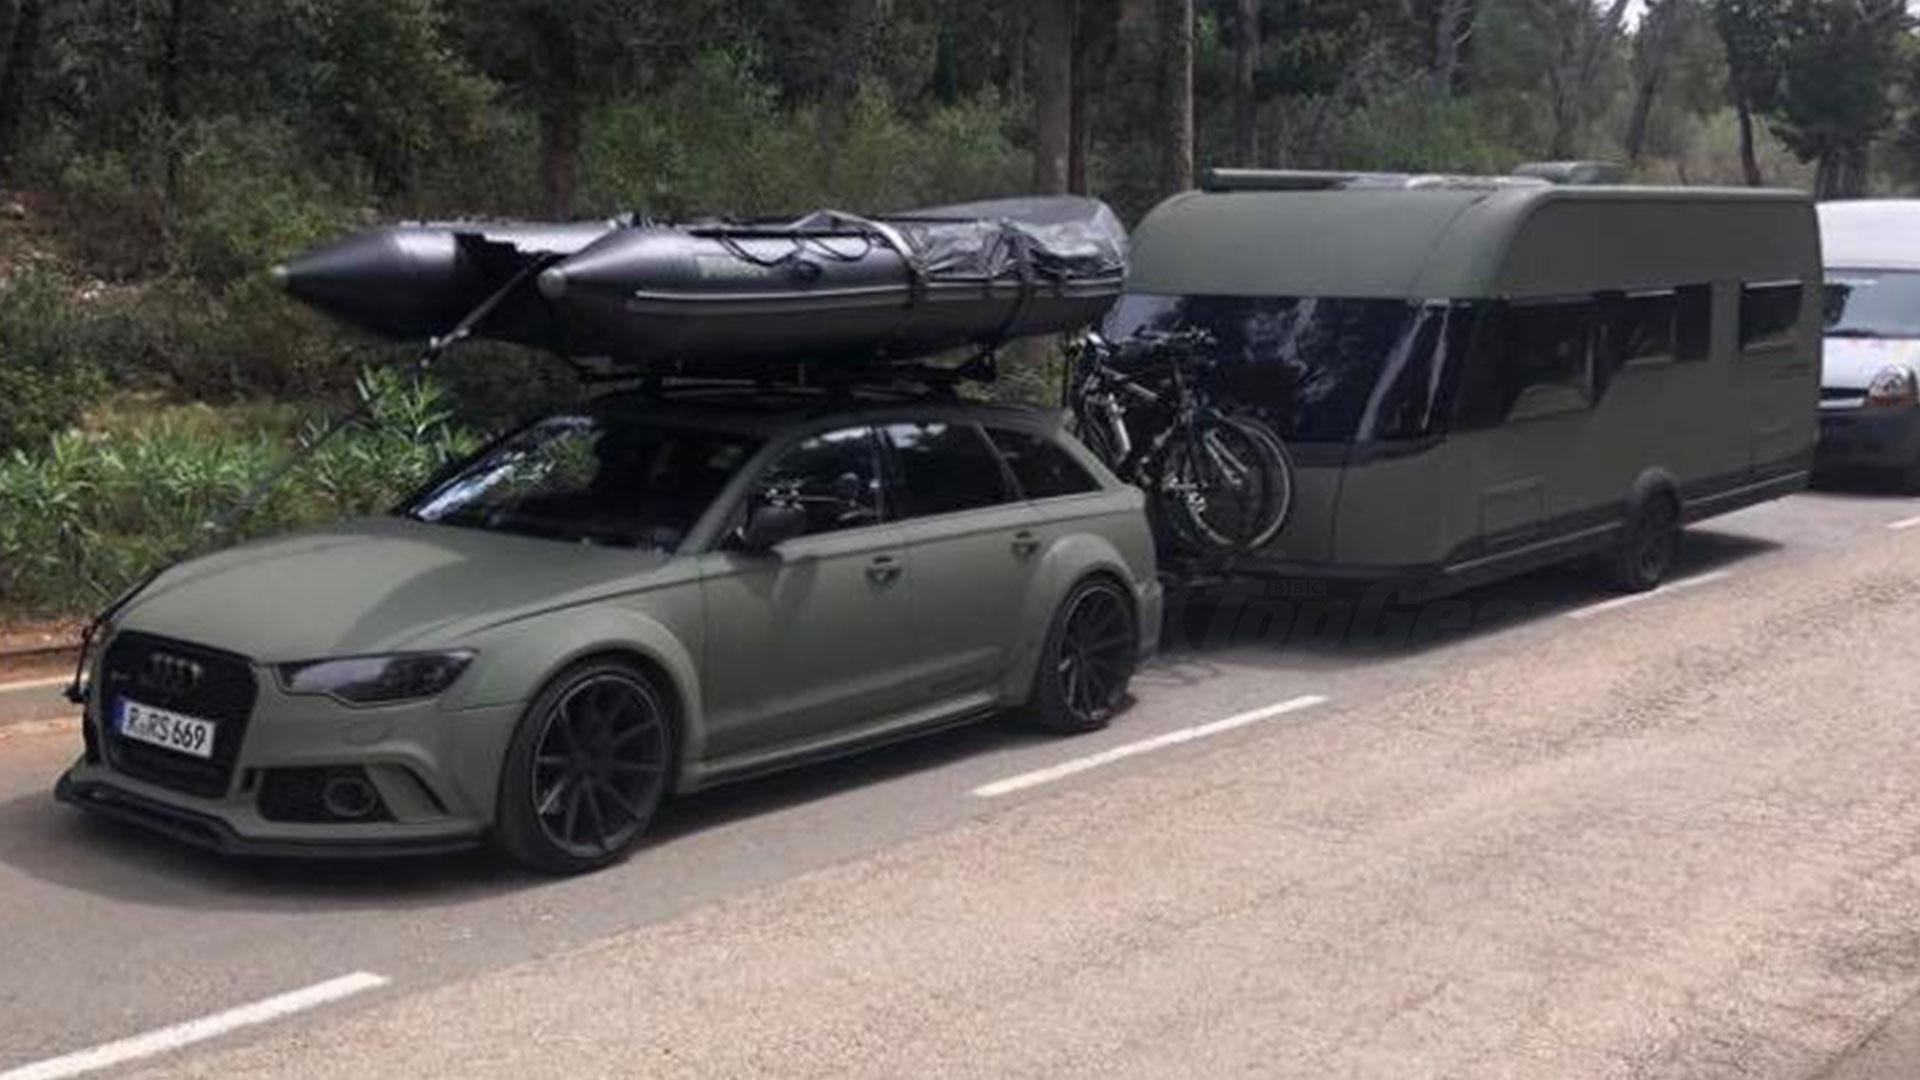 Audi RS 6 met matchende caravan matgroen